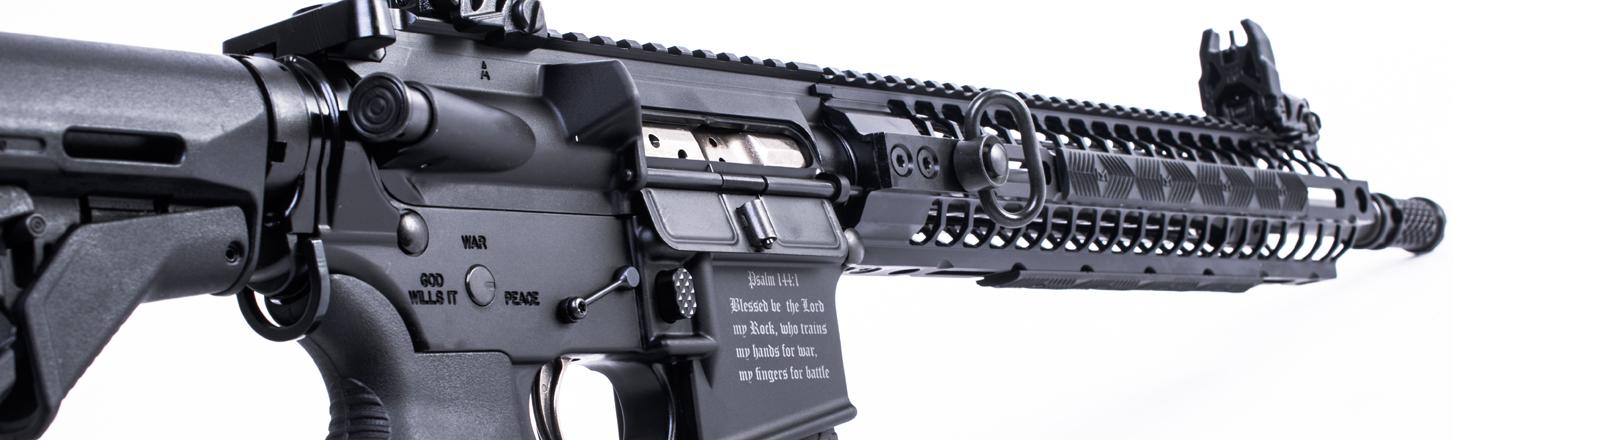 Sturmgewehr mit graviertem Bibelvers.